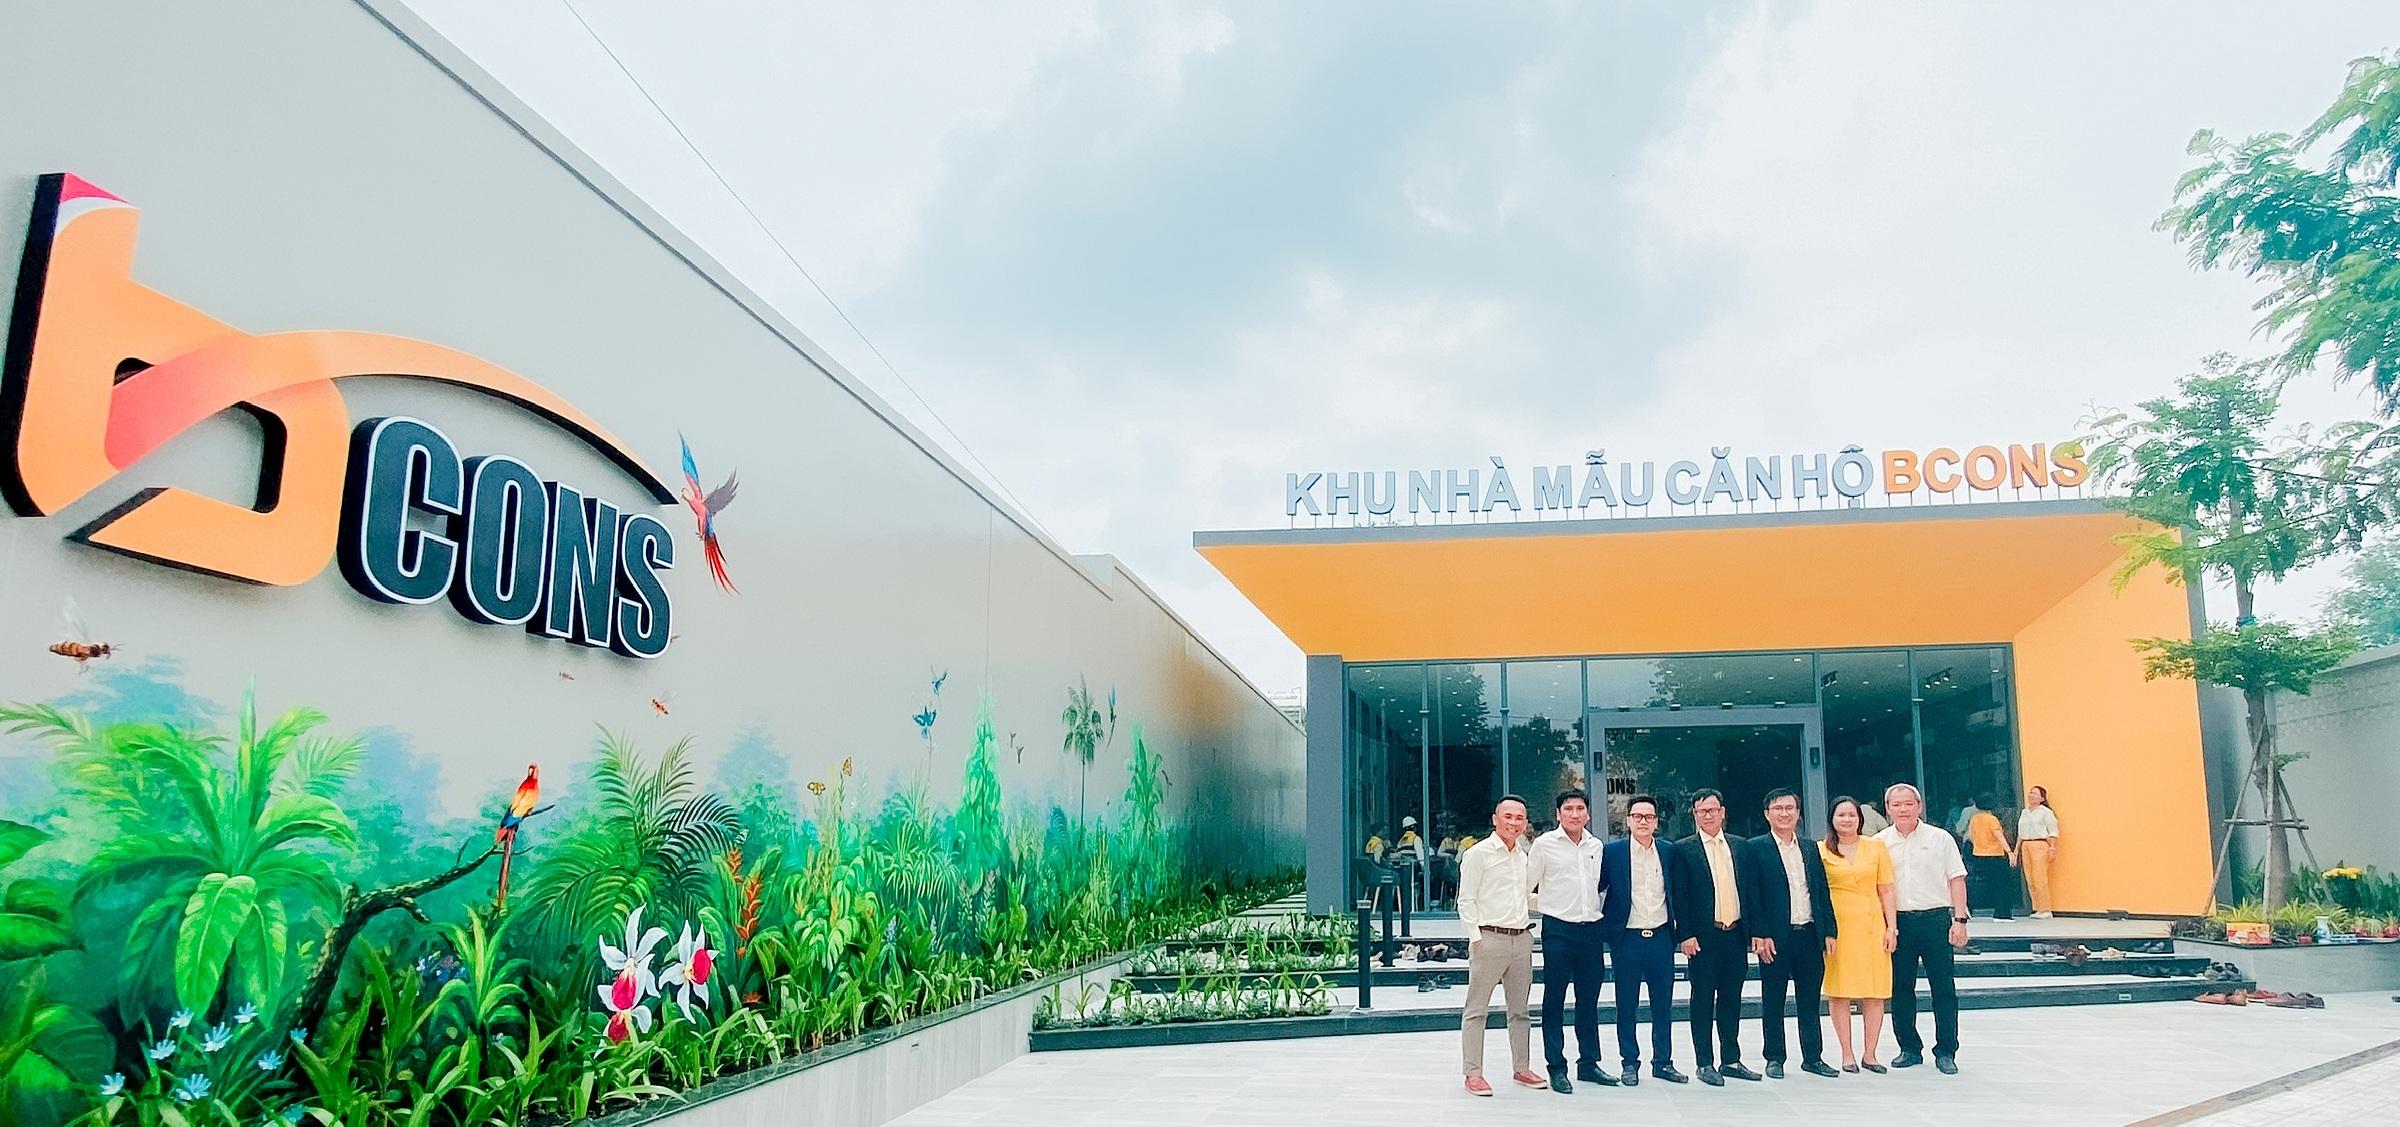 Cuối tháng 4/2021, Tập đoàn Bcons đã mở cửa khu căn hộ mẫu Bcons Sala đón khách tham quan. Nhà mẫu nằm đối diện dự án, ngay mặt tiền đường Phan Bội Châu thuộc khu phố Đông Tân, phường Dĩ An, TP Dĩ An, tỉnh Bình Dương.